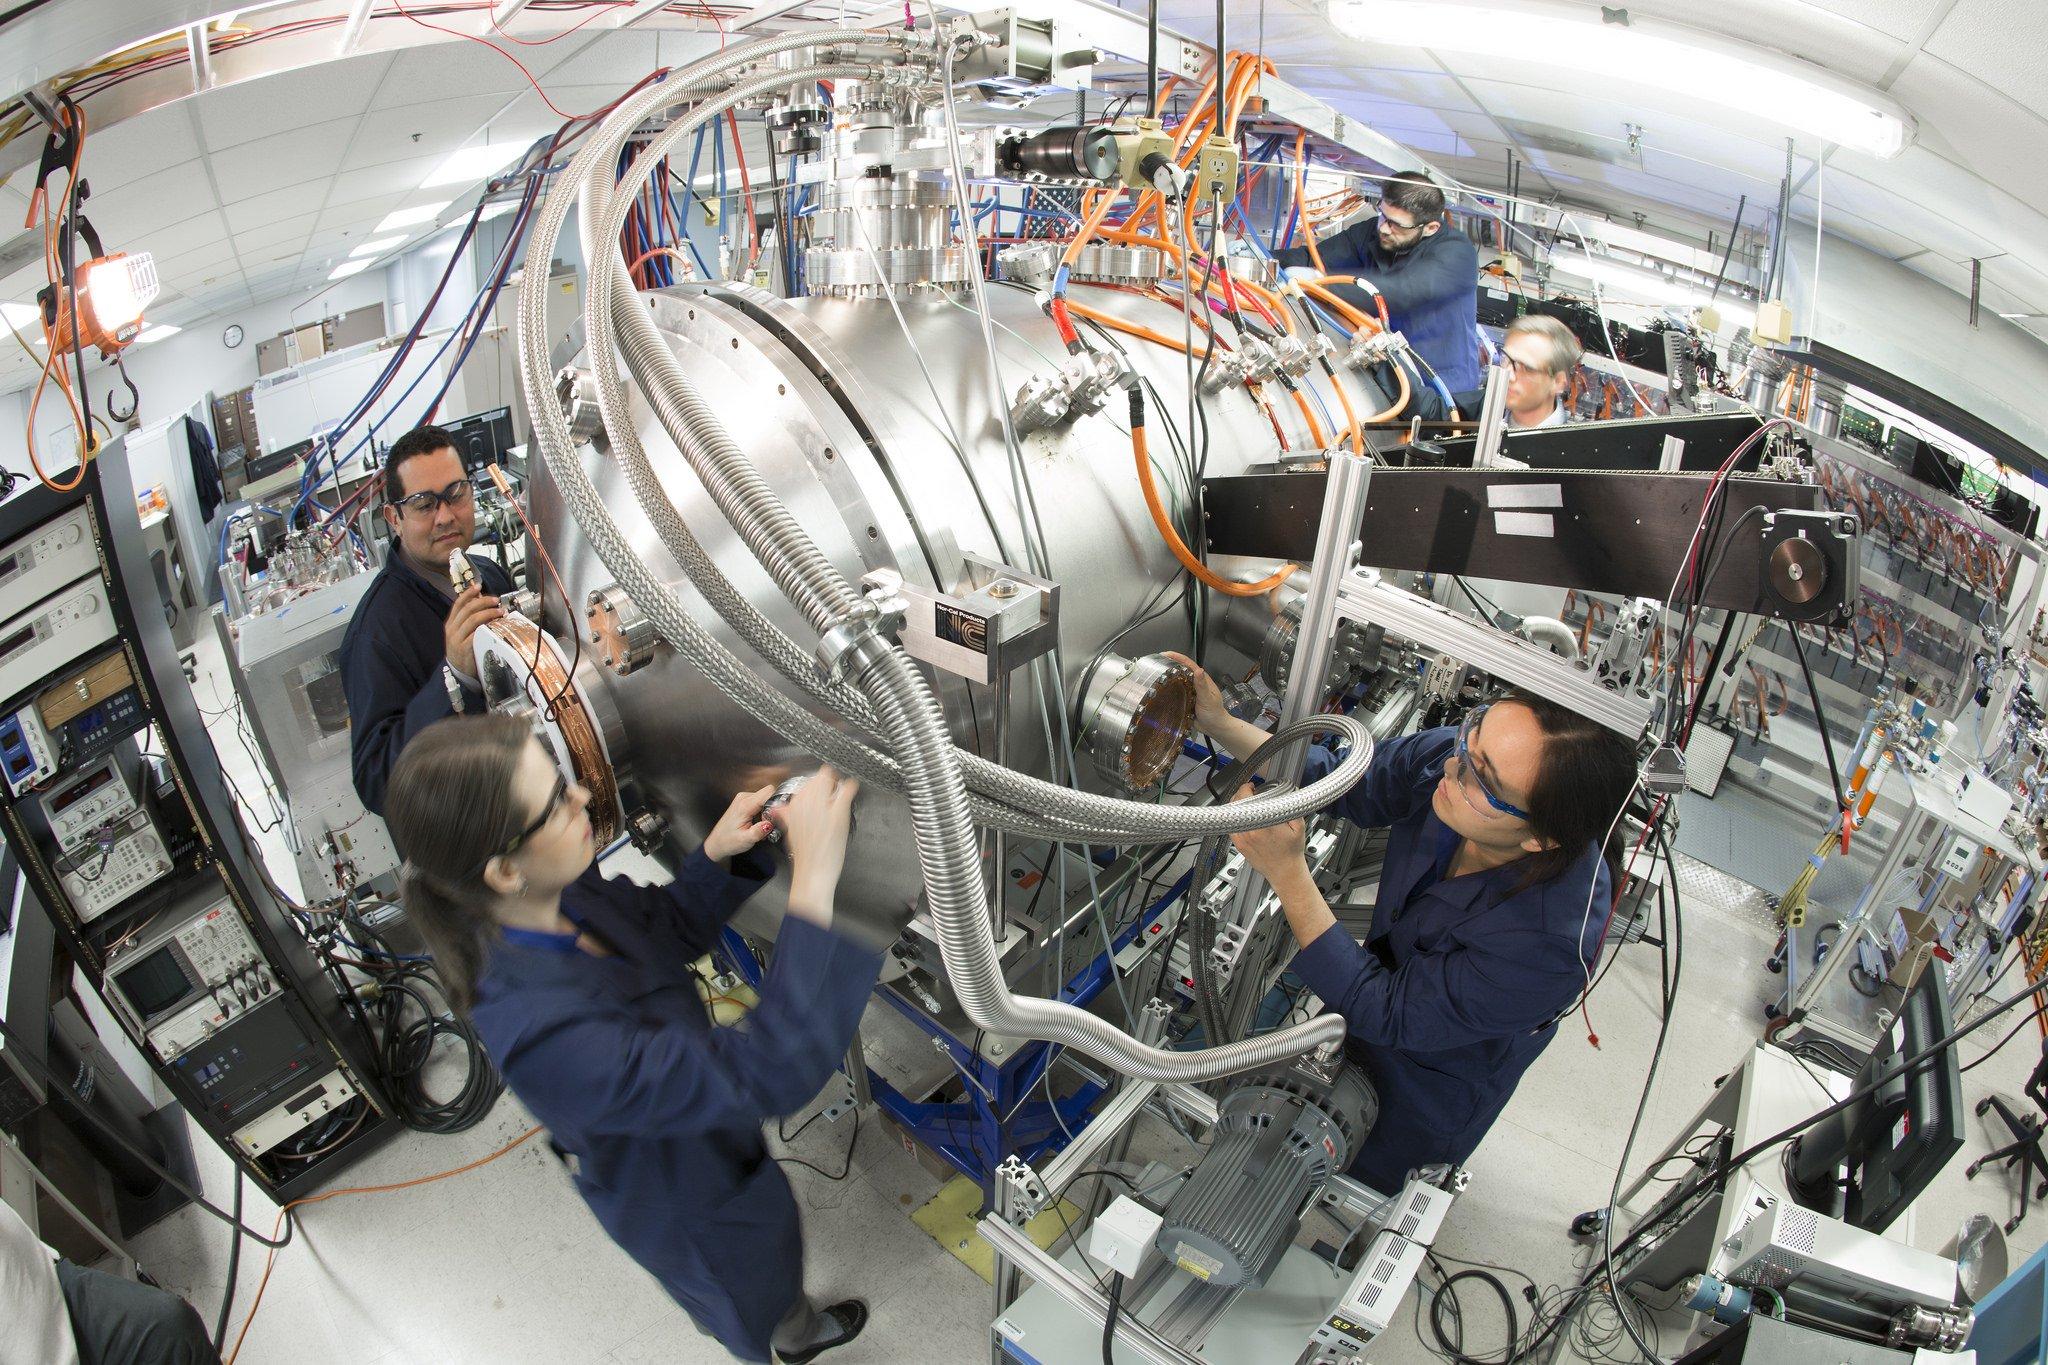 Entwicklungsabteilung von Lockheed Martin: Das Forschungsteam von Thomas McGuire (l.) bei der Arbeit am Fusionsreaktor.